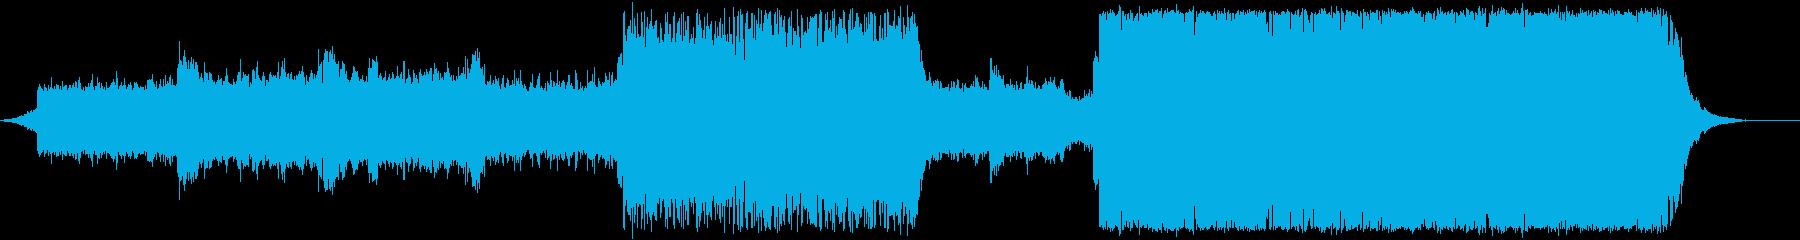 海/ドラムンベース/テクスチャーの再生済みの波形